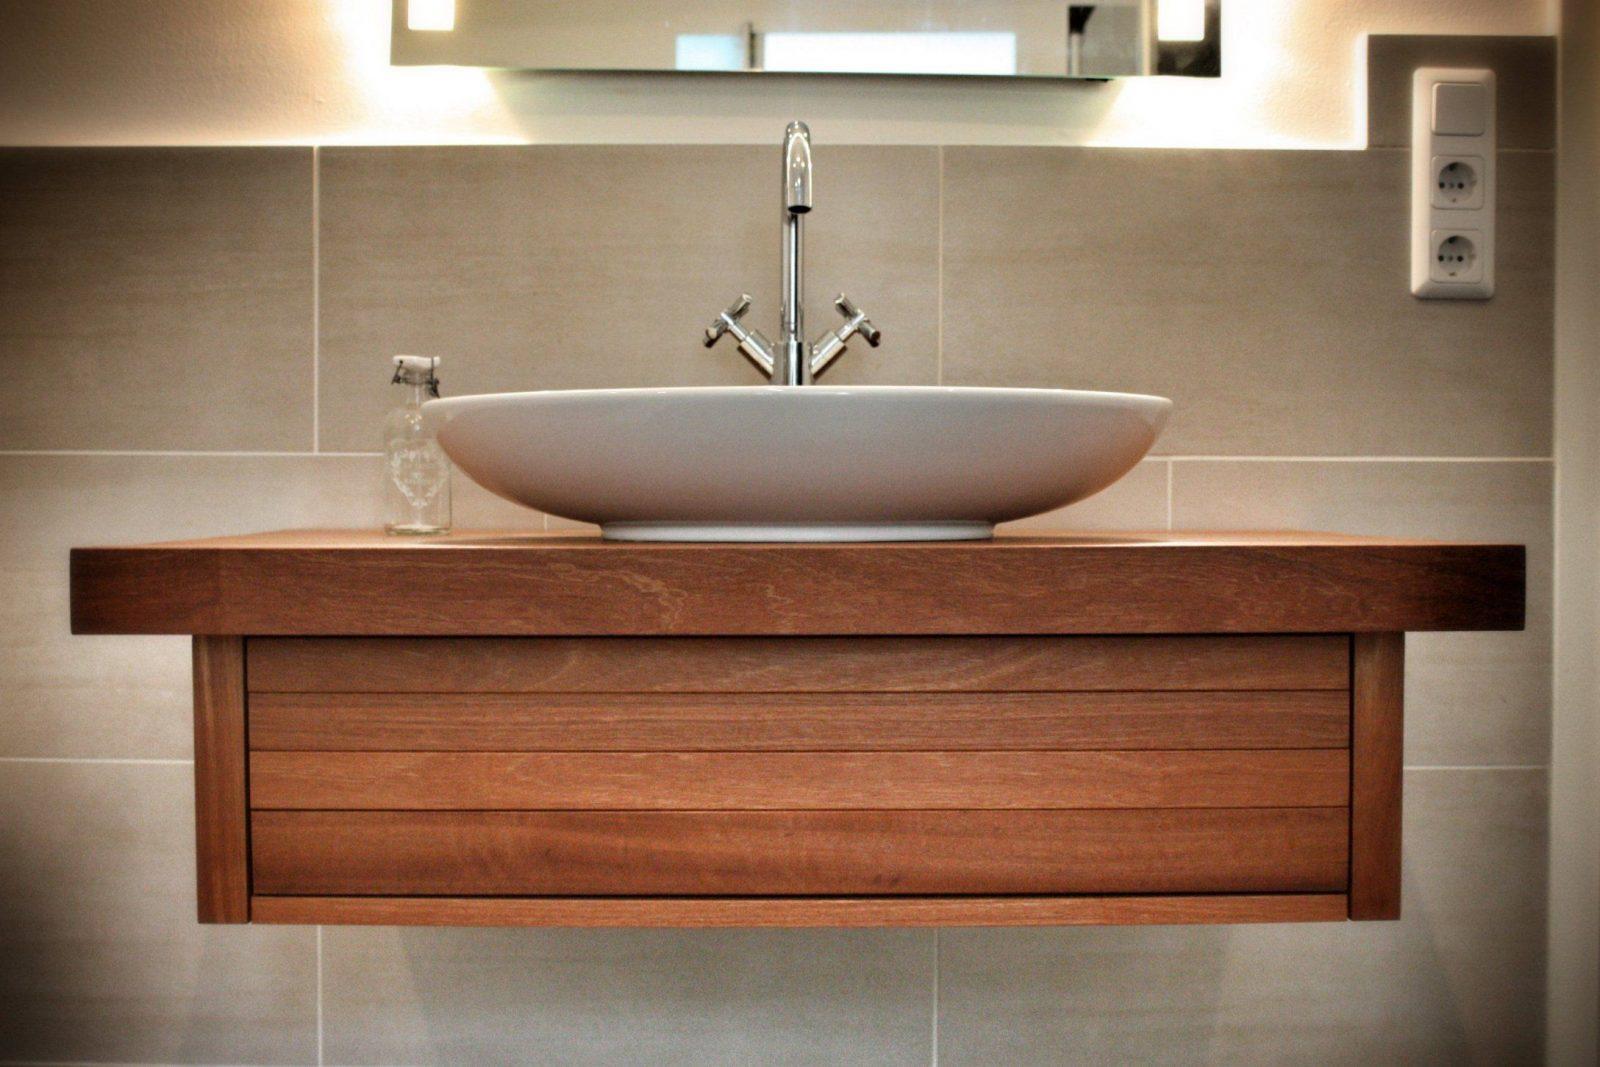 Solids M1 Saint George Waschtisch Aus Holz  Waschbeckenunterschrank von Waschtisch Holz Mit Aufsatzwaschbecken Photo